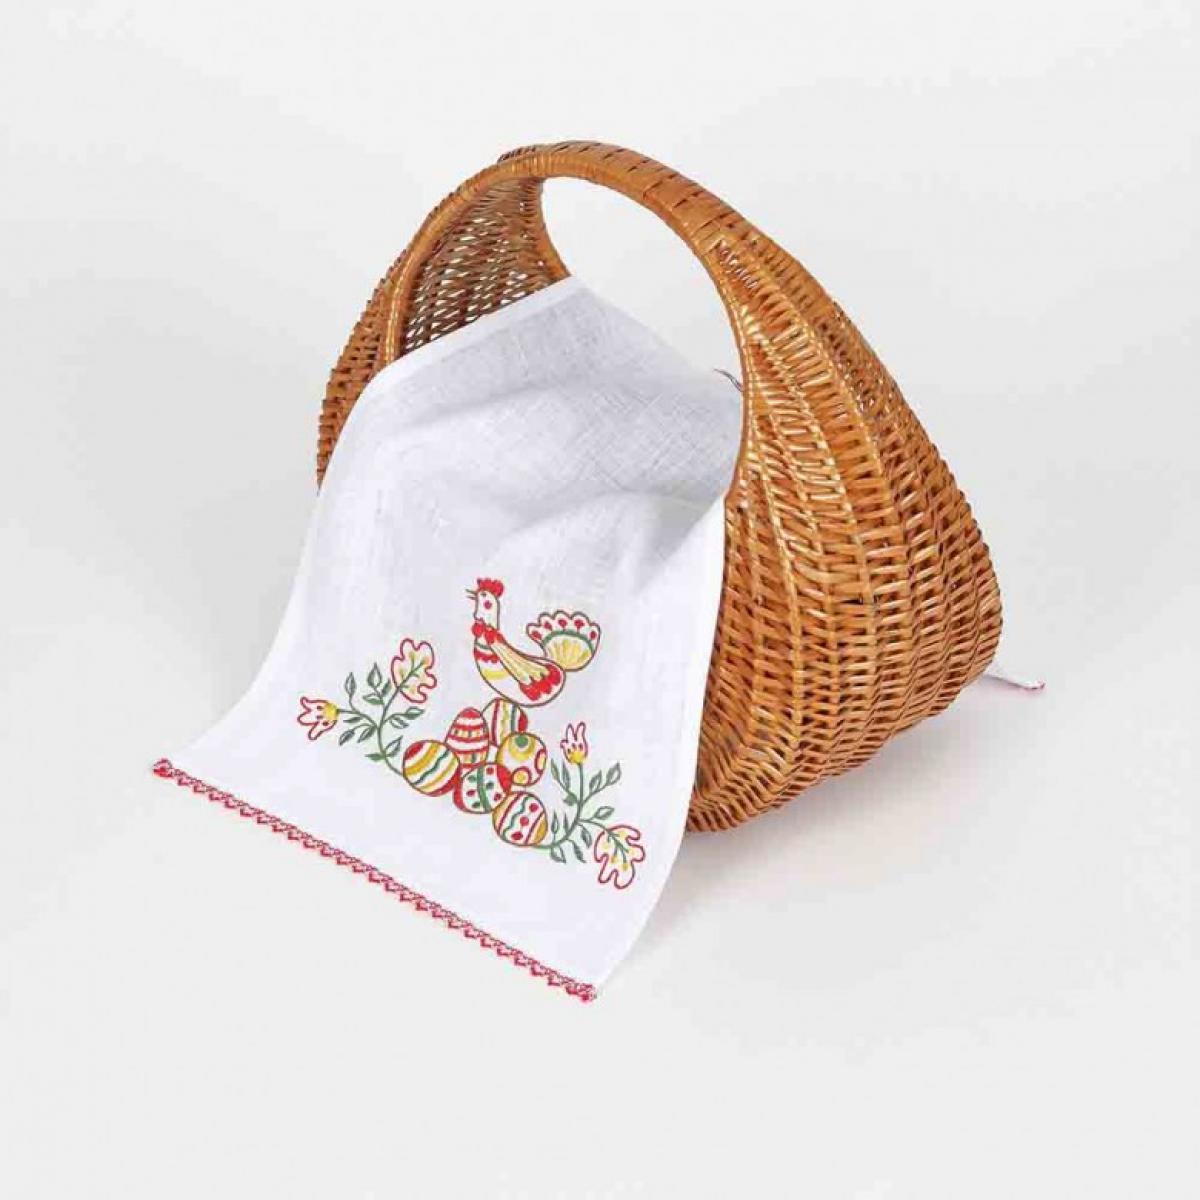 Вышитая салфетка на корзину Писанки 65 * 33. Фото №2. | Народный дом Украина